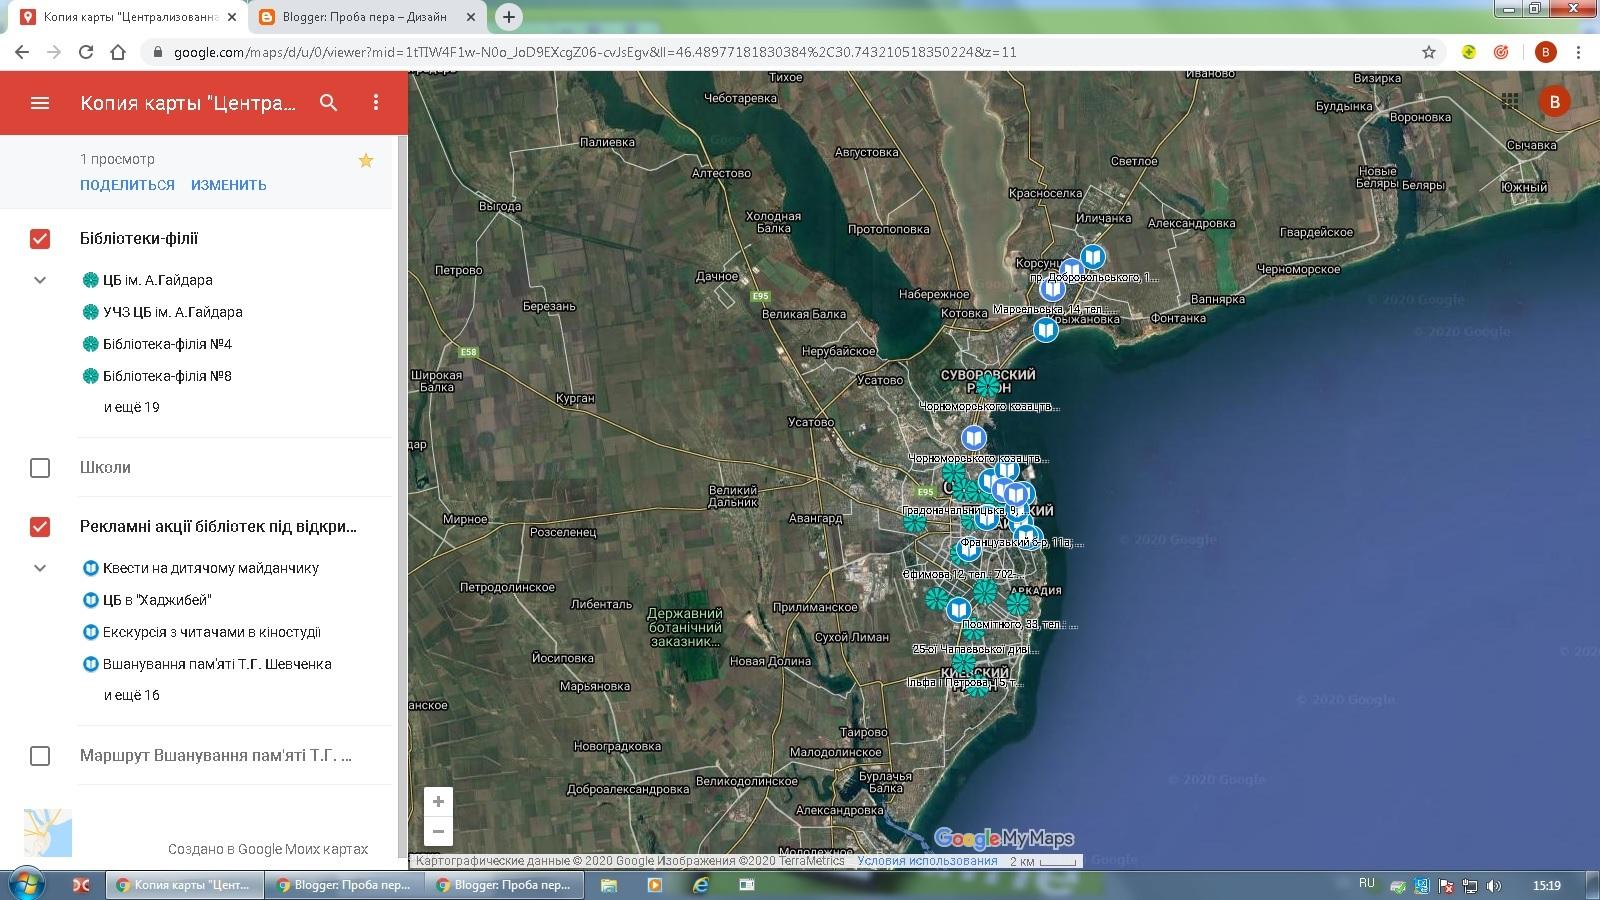 Інтерактивна мапа дитячих бібліотек міста